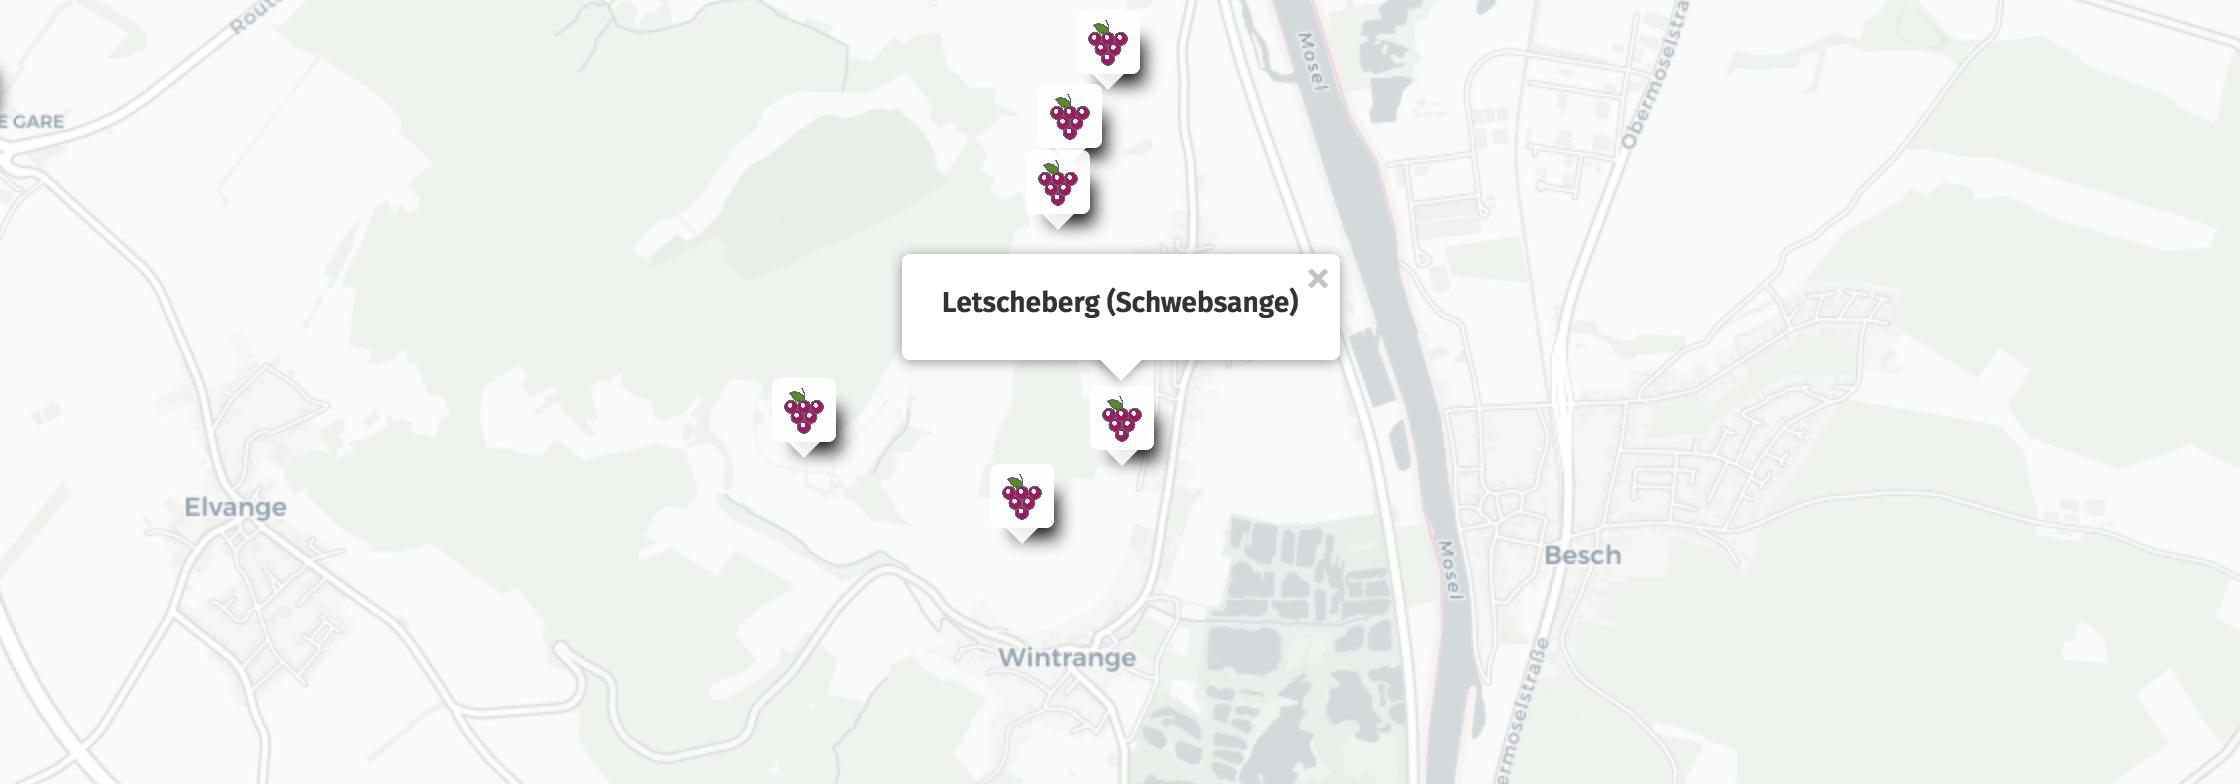 Geolocation of Letscheberg wines in Schwebsange